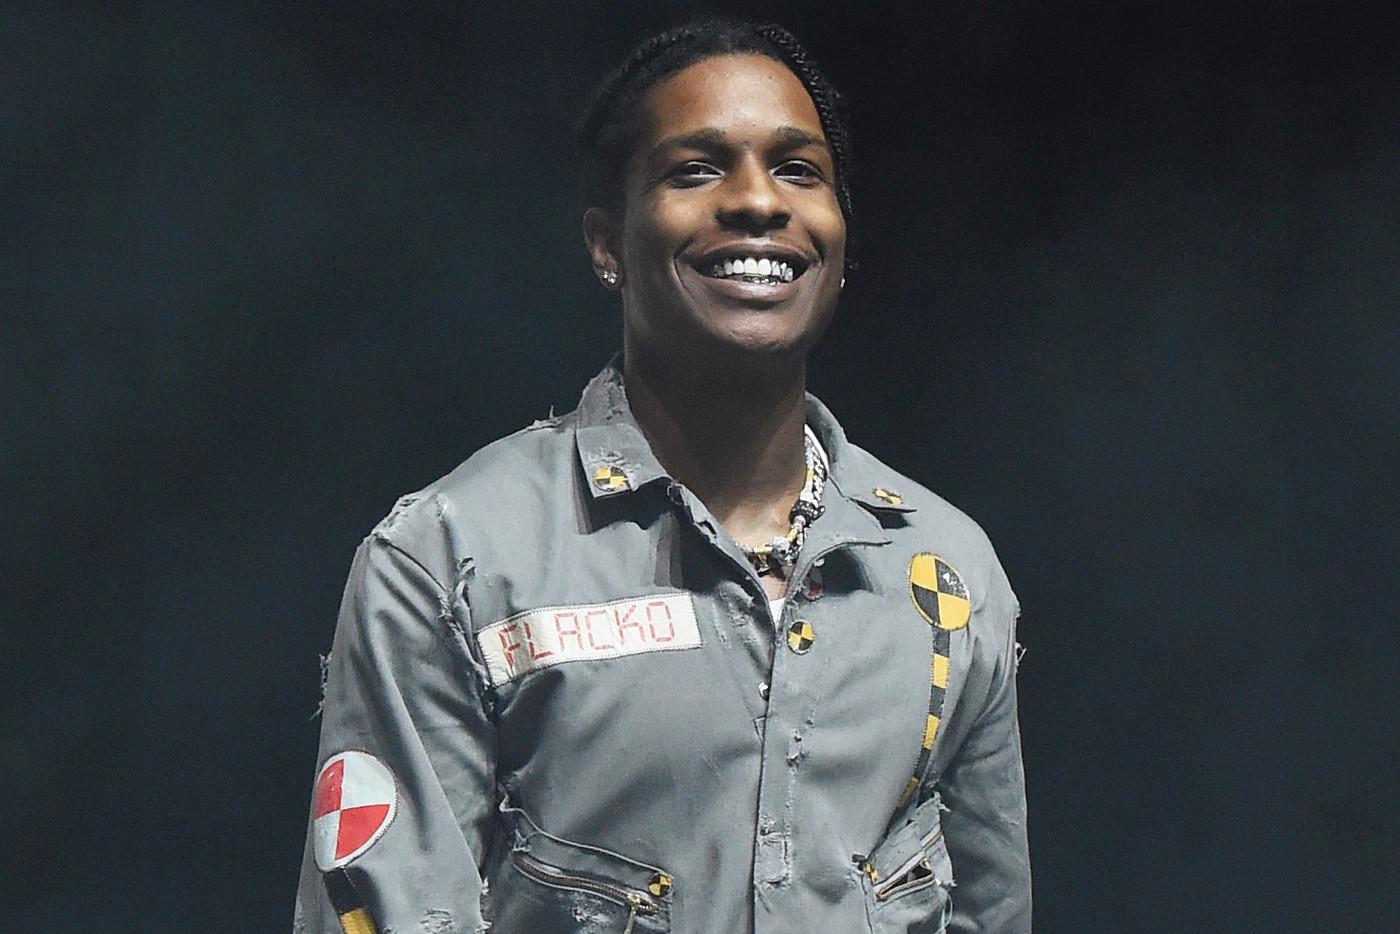 A$AP Rocky y su crew se lían a puñetazos con un individuo y es arrestado